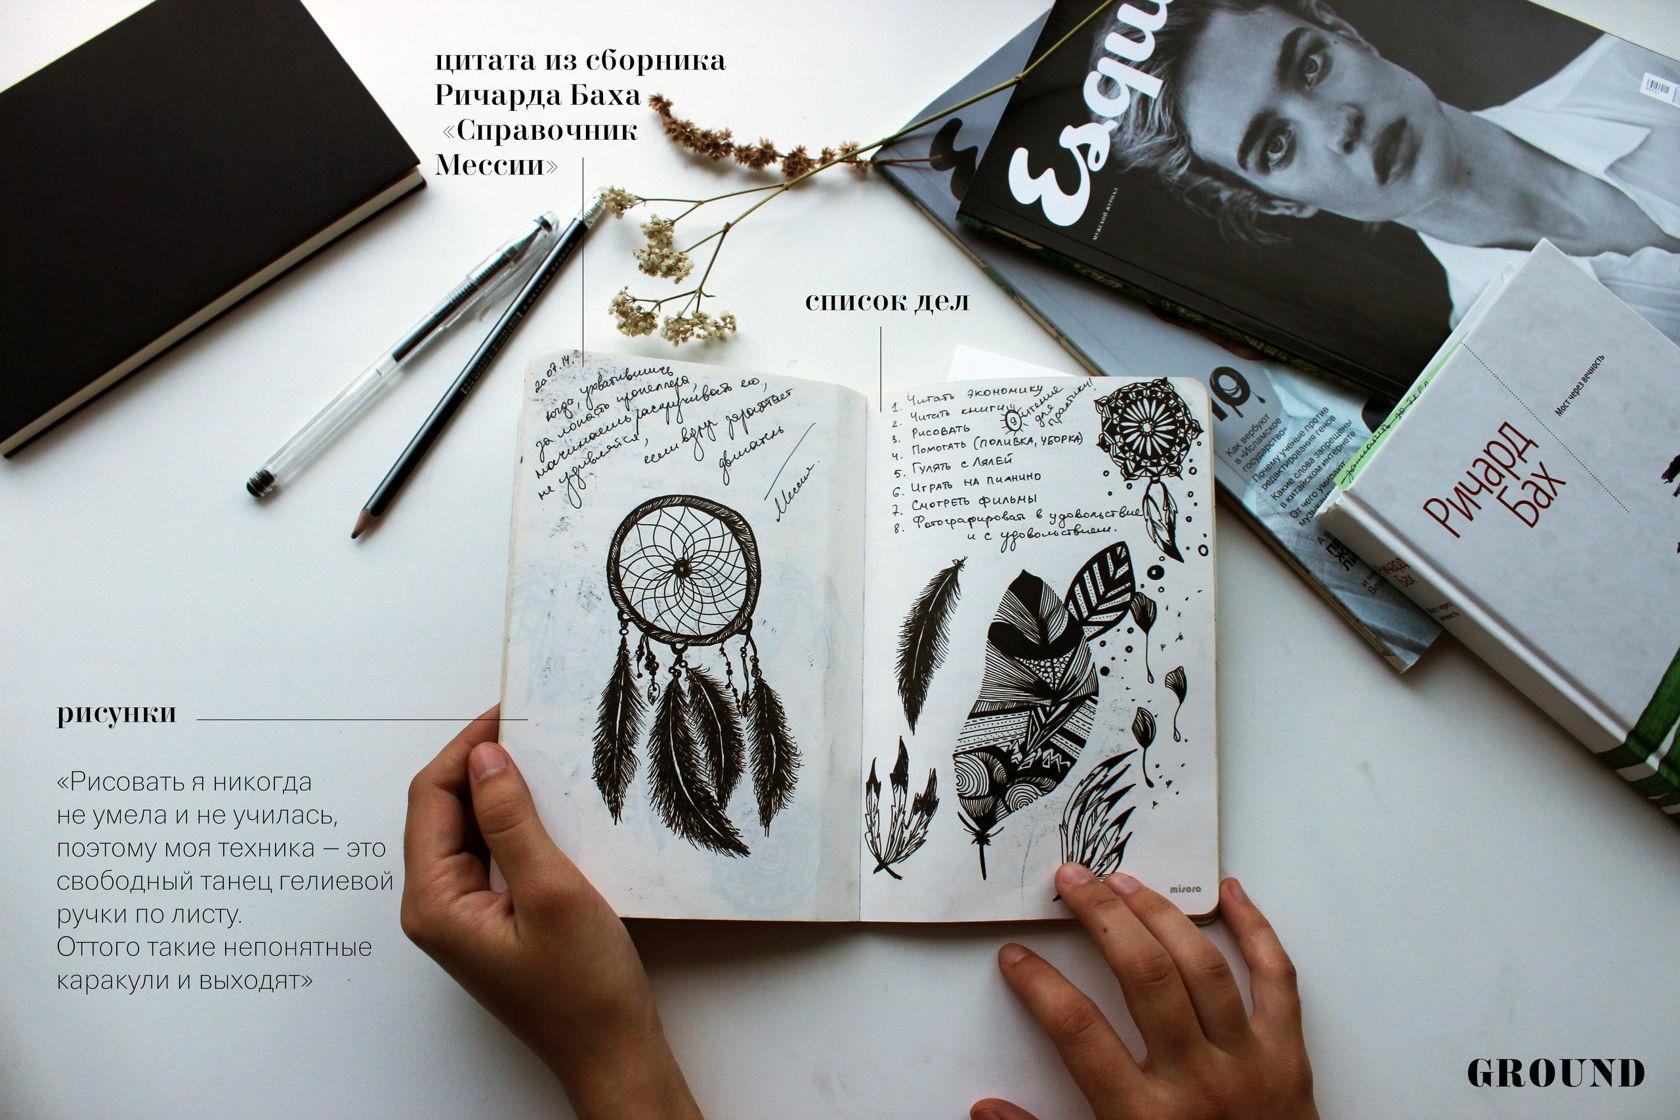 Какие картинки нарисовать в ежедневнике